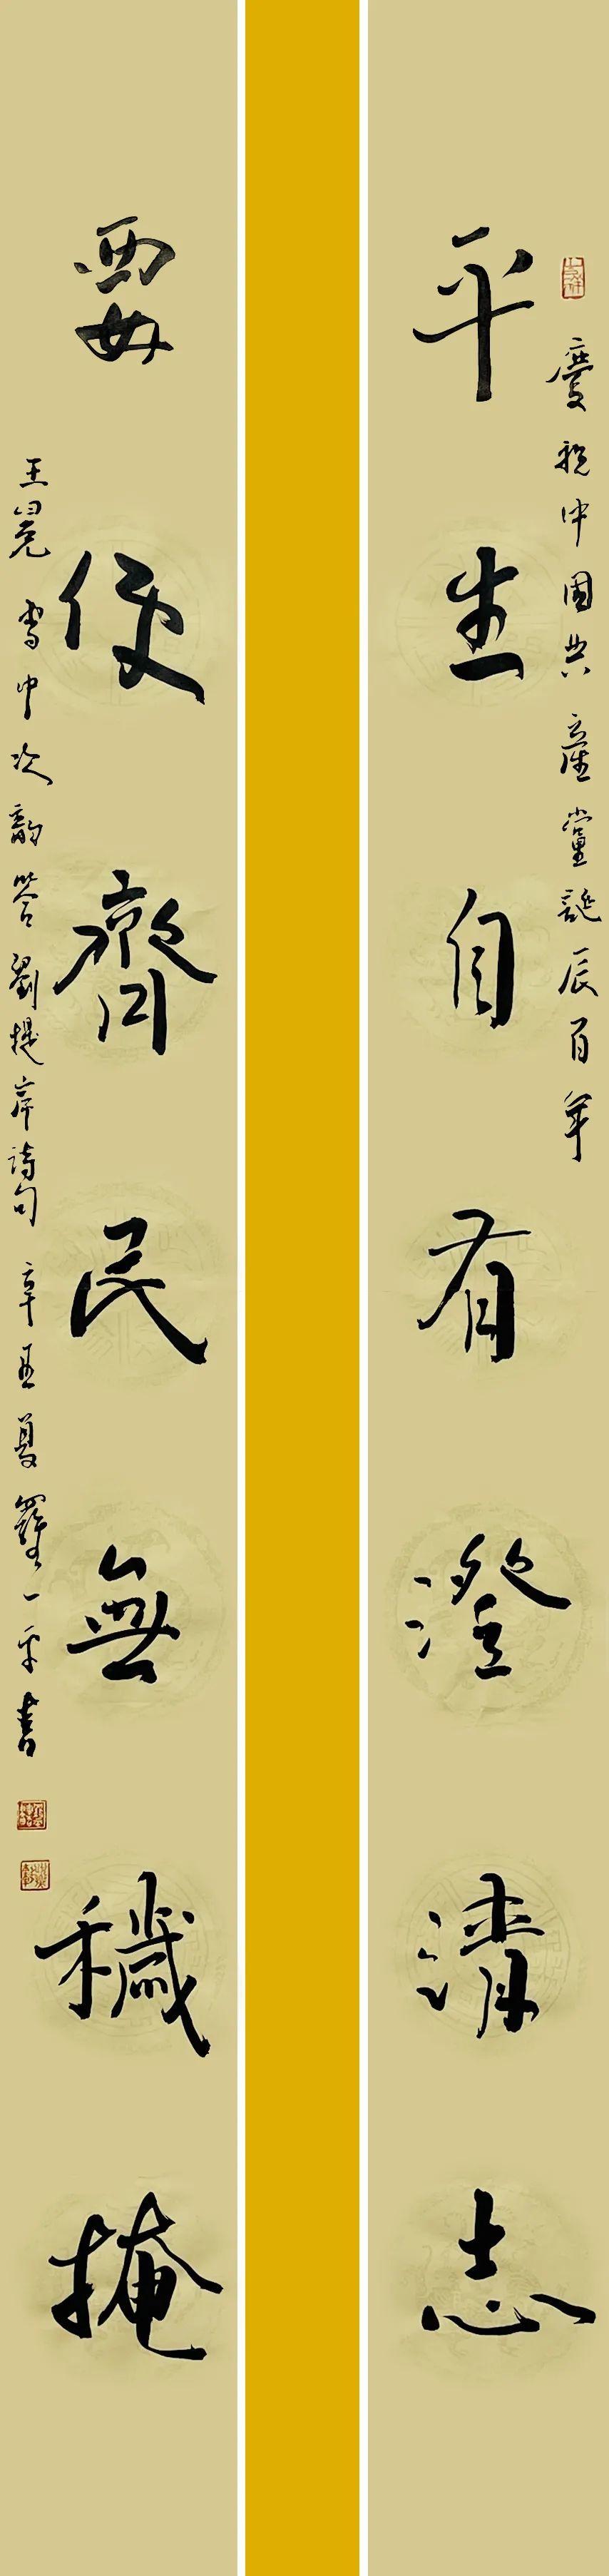 中国美术家协会策展委员会副主任、广东省美术馆协会会长、广东省美术家协会原副主席罗一平